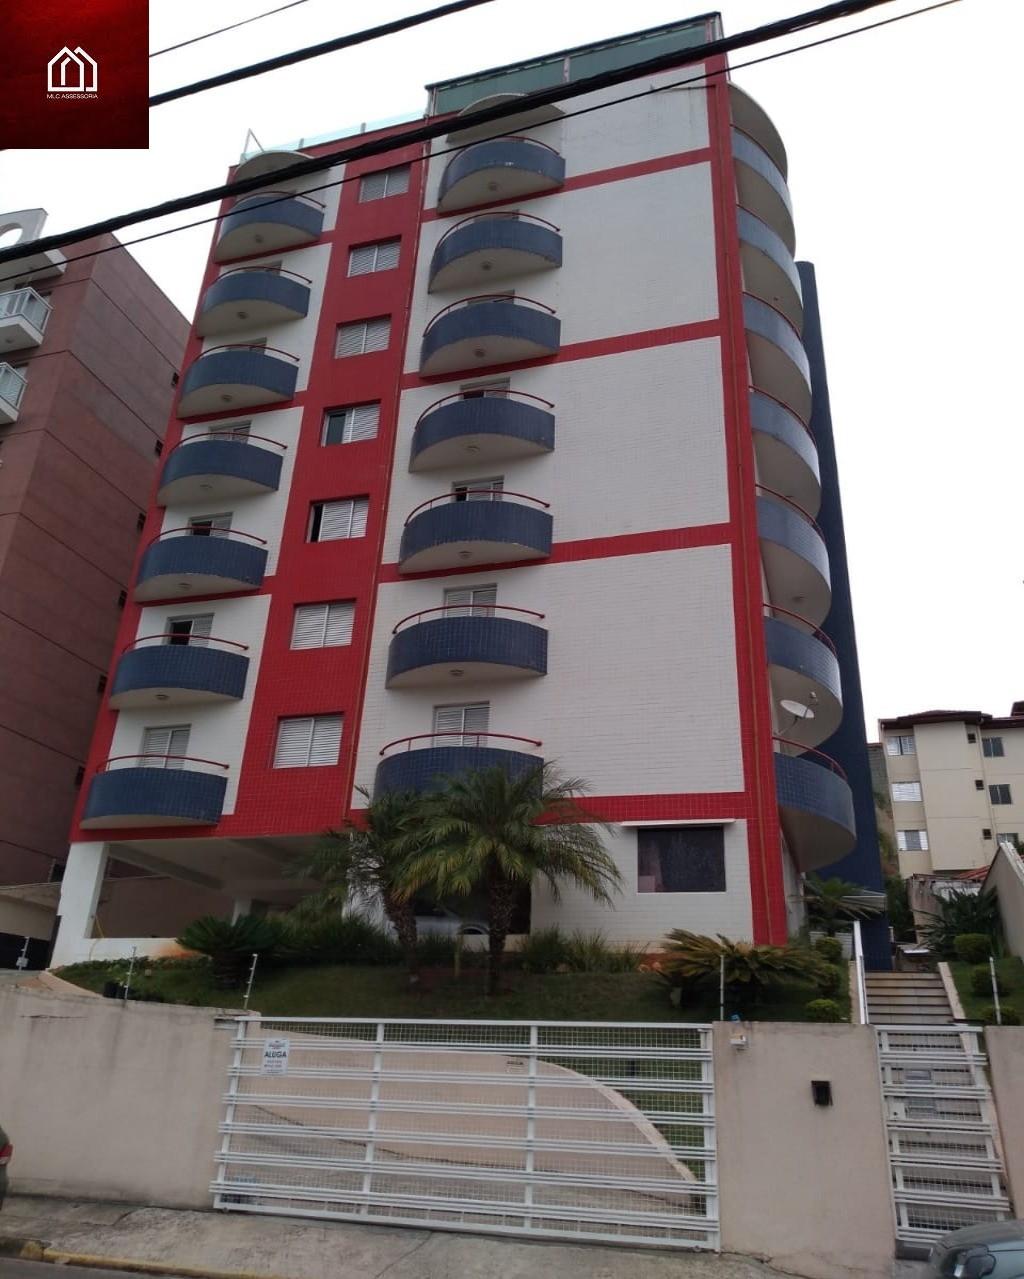 Apartamento 3 dormitórios, 1 suíte Jardim do Lago 2 vagas de garagem, 98 m² R$ 2.600,00